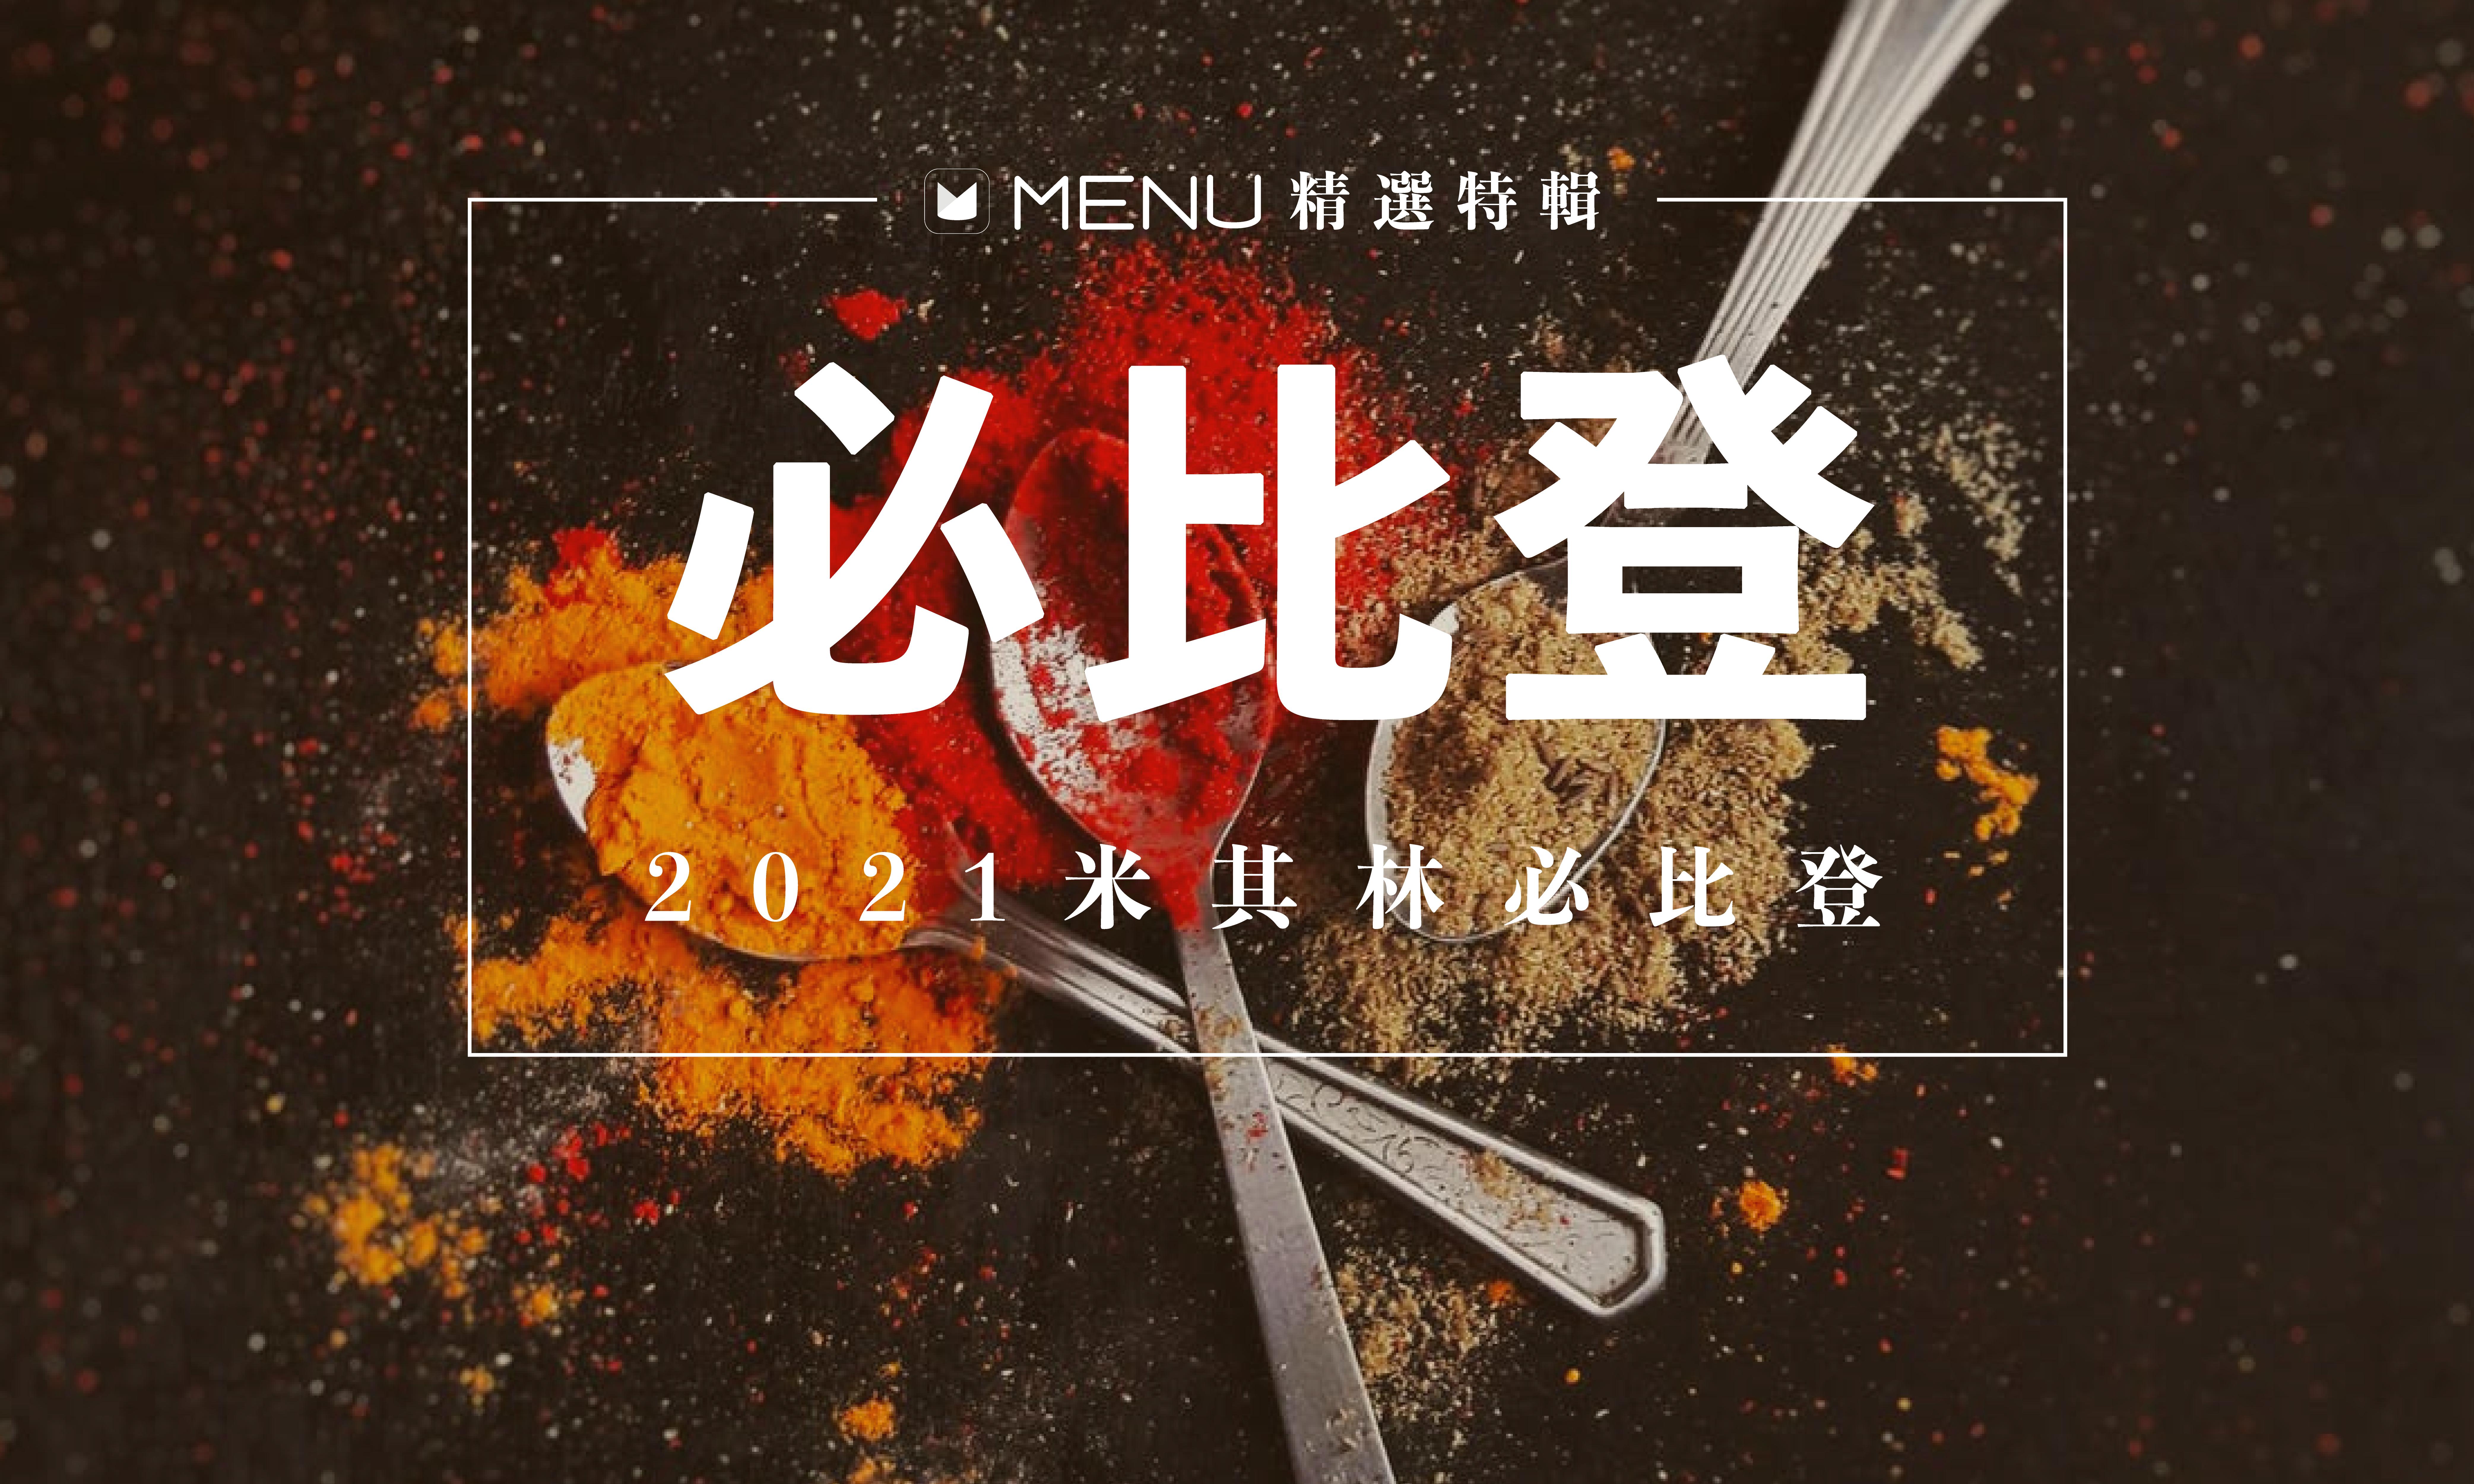 必比登最新榜單你看了嗎?台北35家餐廳上榜,它們到底有什麼魅力呢?快來一探究竟吧!